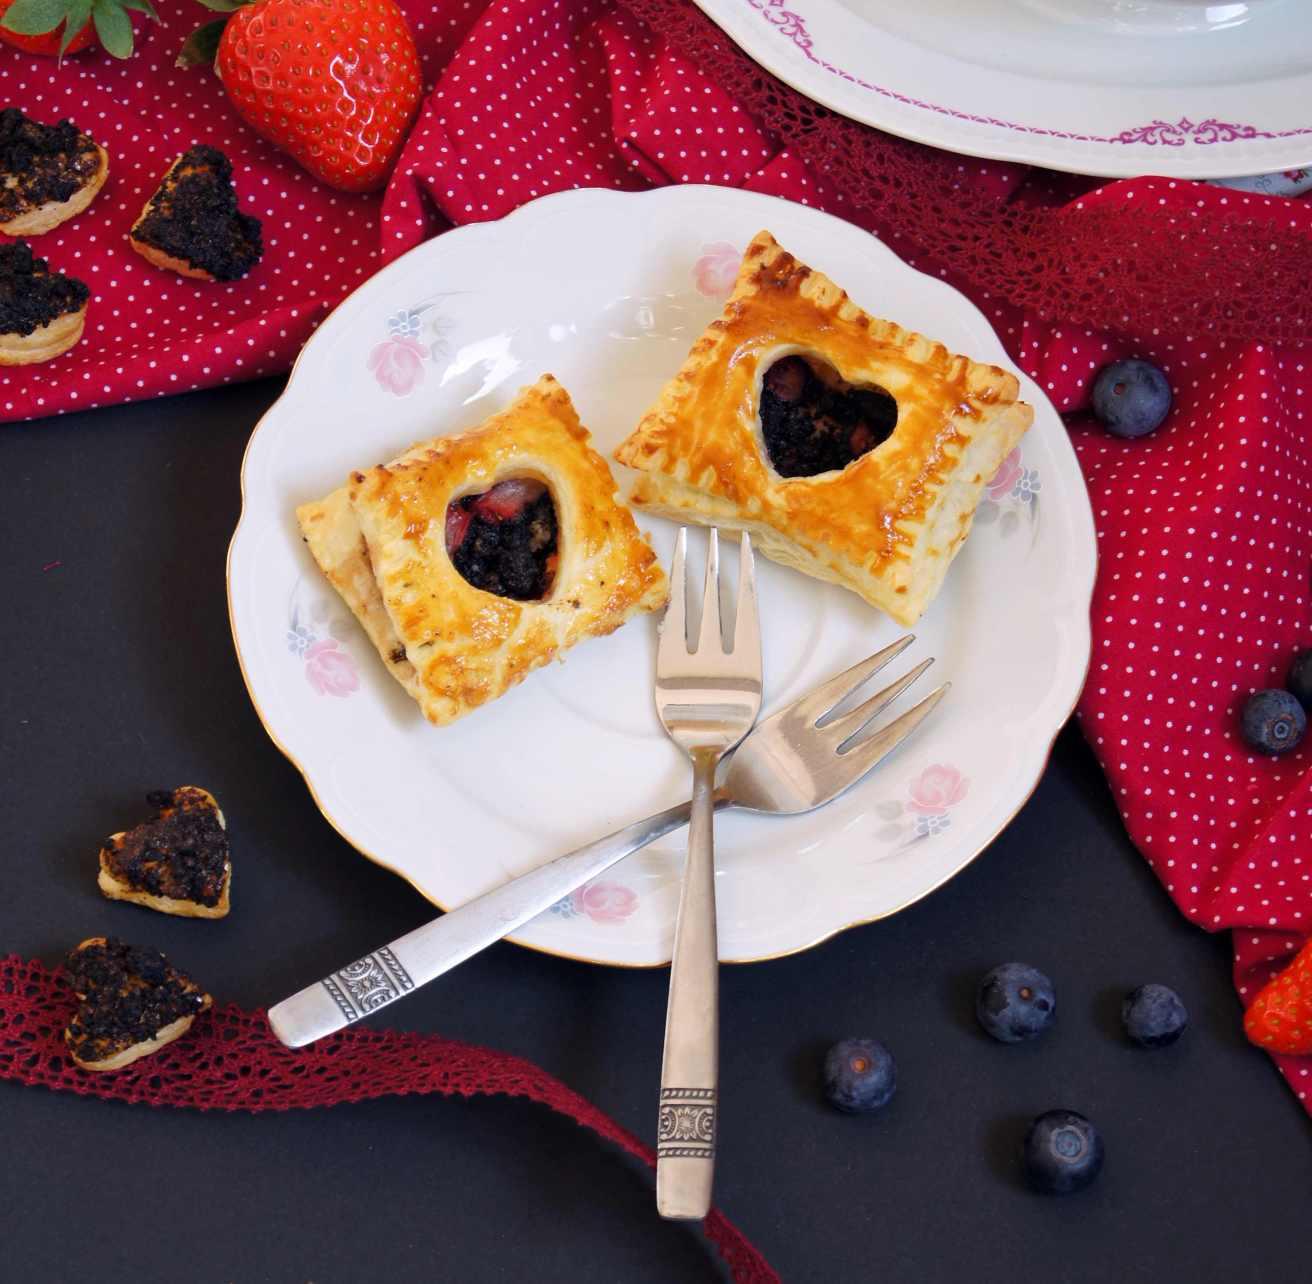 Herziger Blätterteig mit Oreo-Nutella-Blaubeer-Füllung